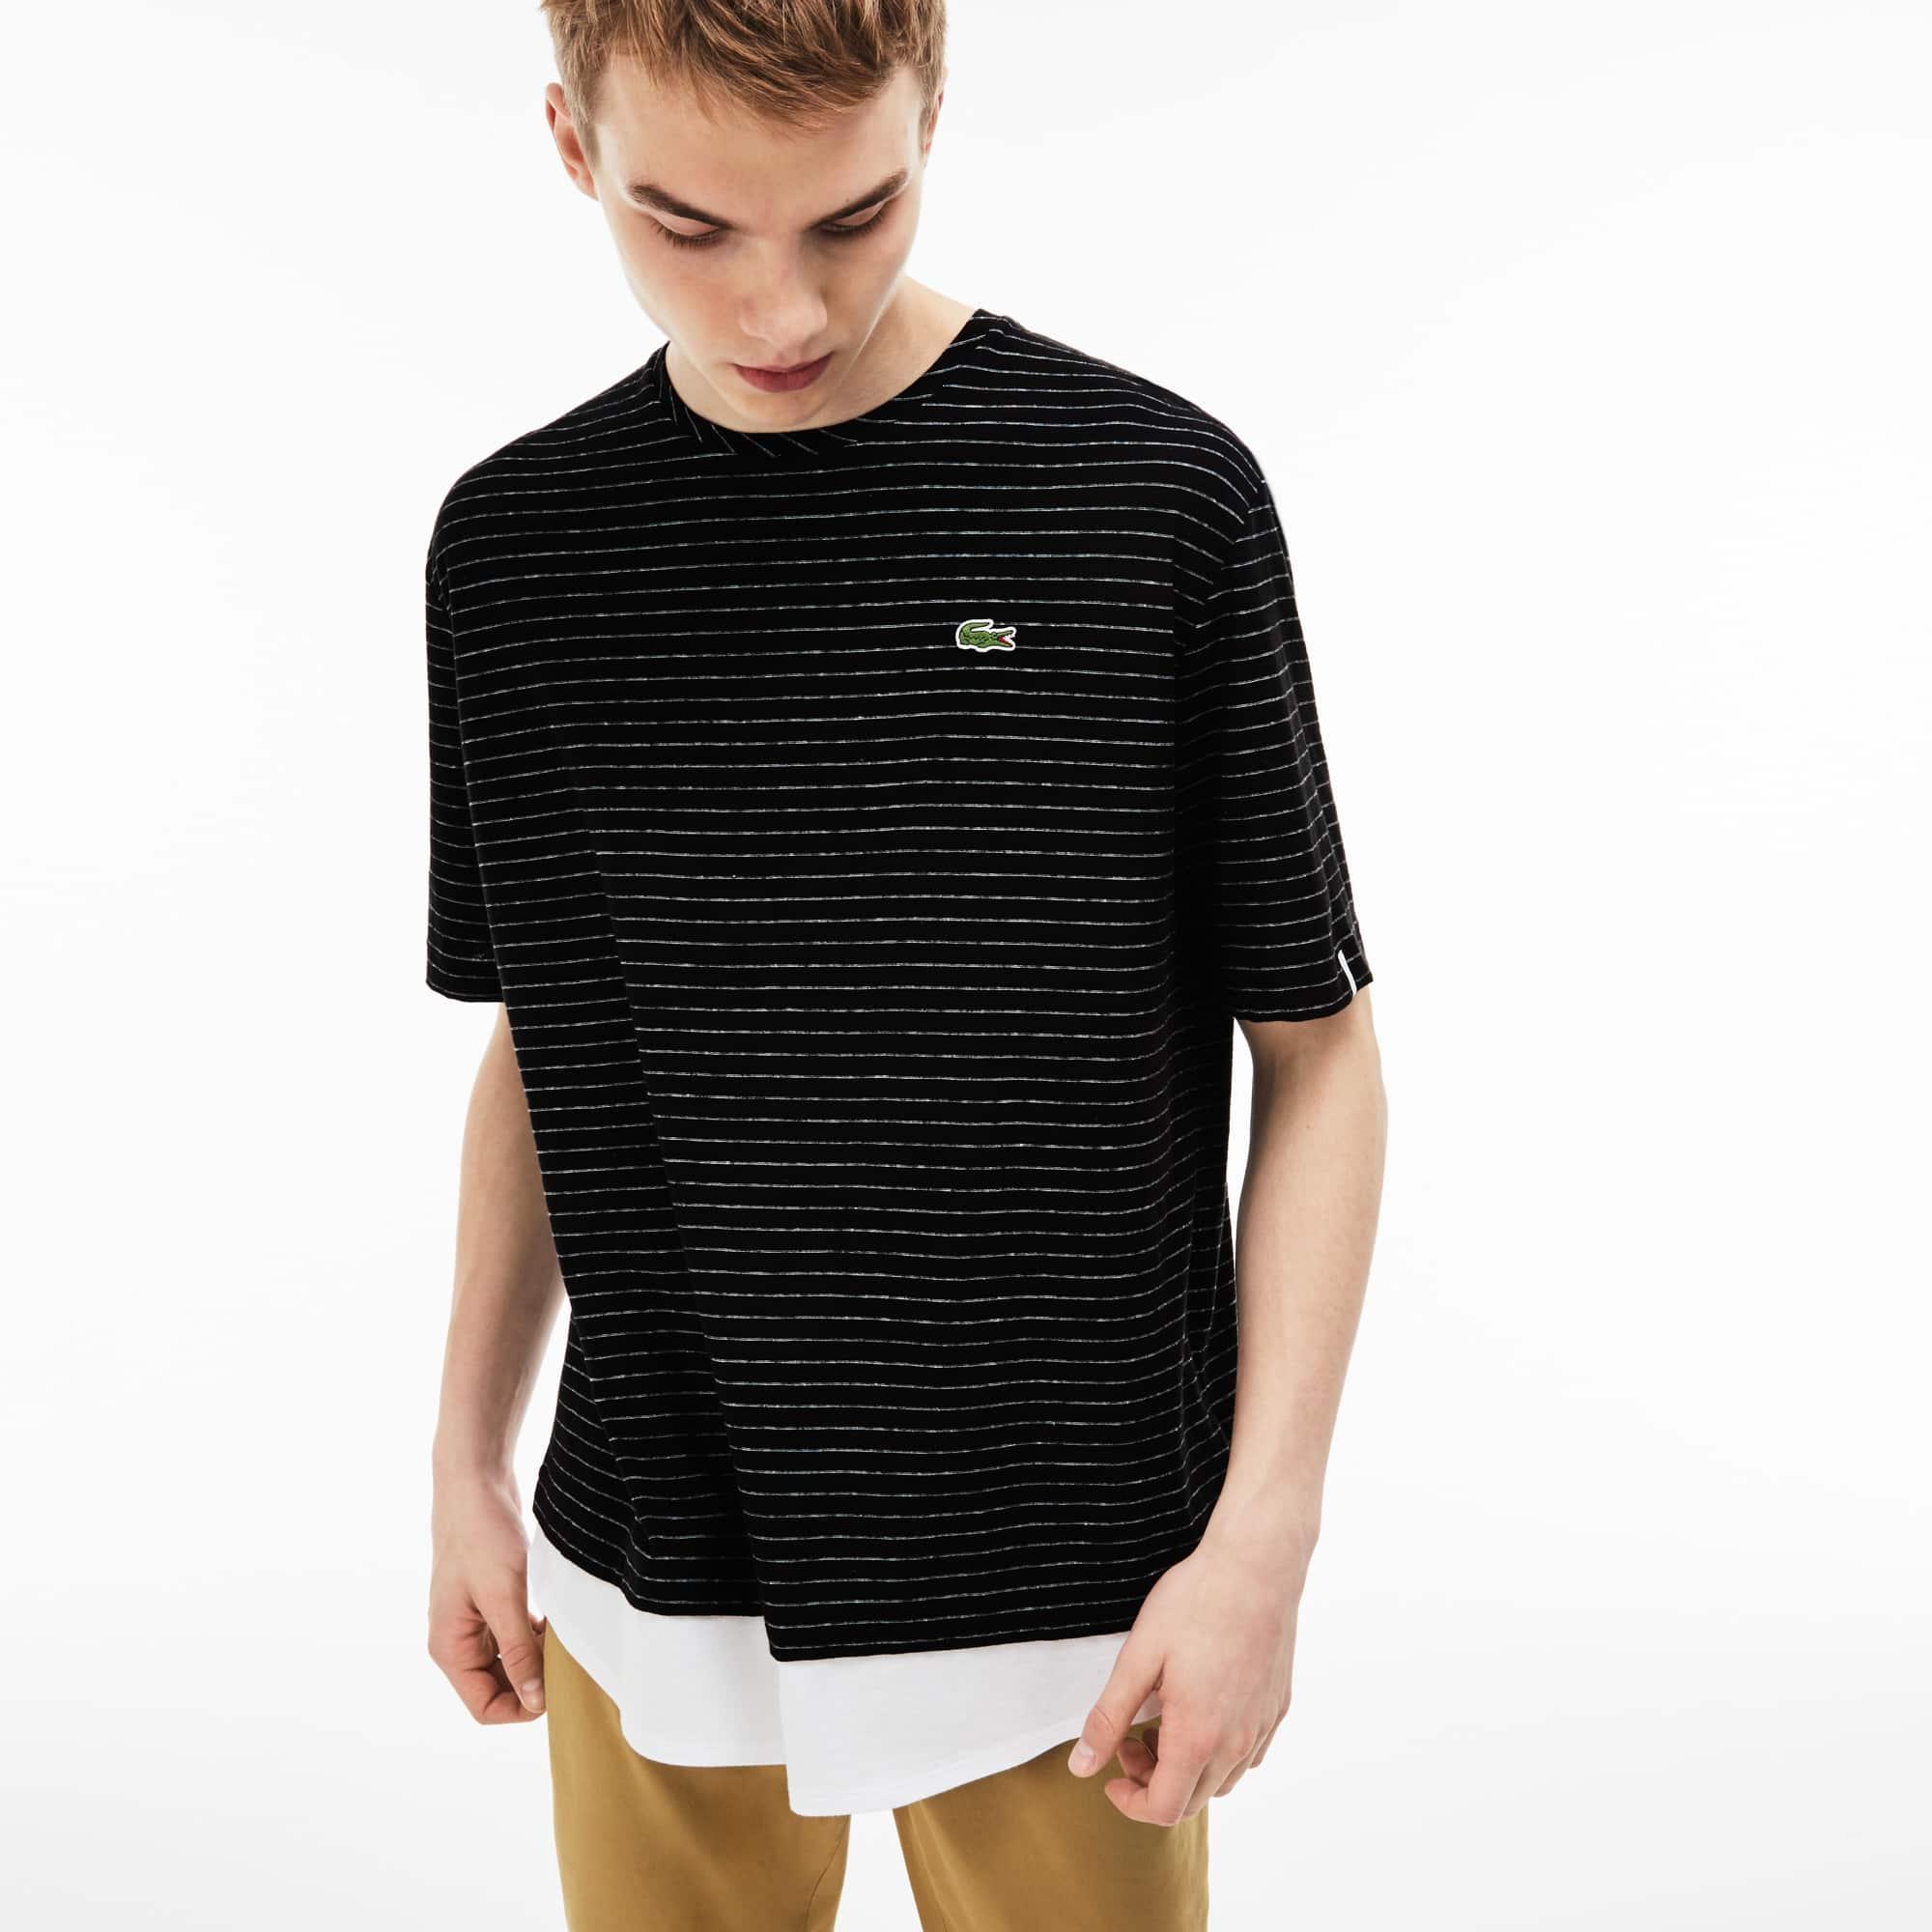 T-shirt com decote redondo Lacoste LIVE em jersey de linho e algodão às riscas